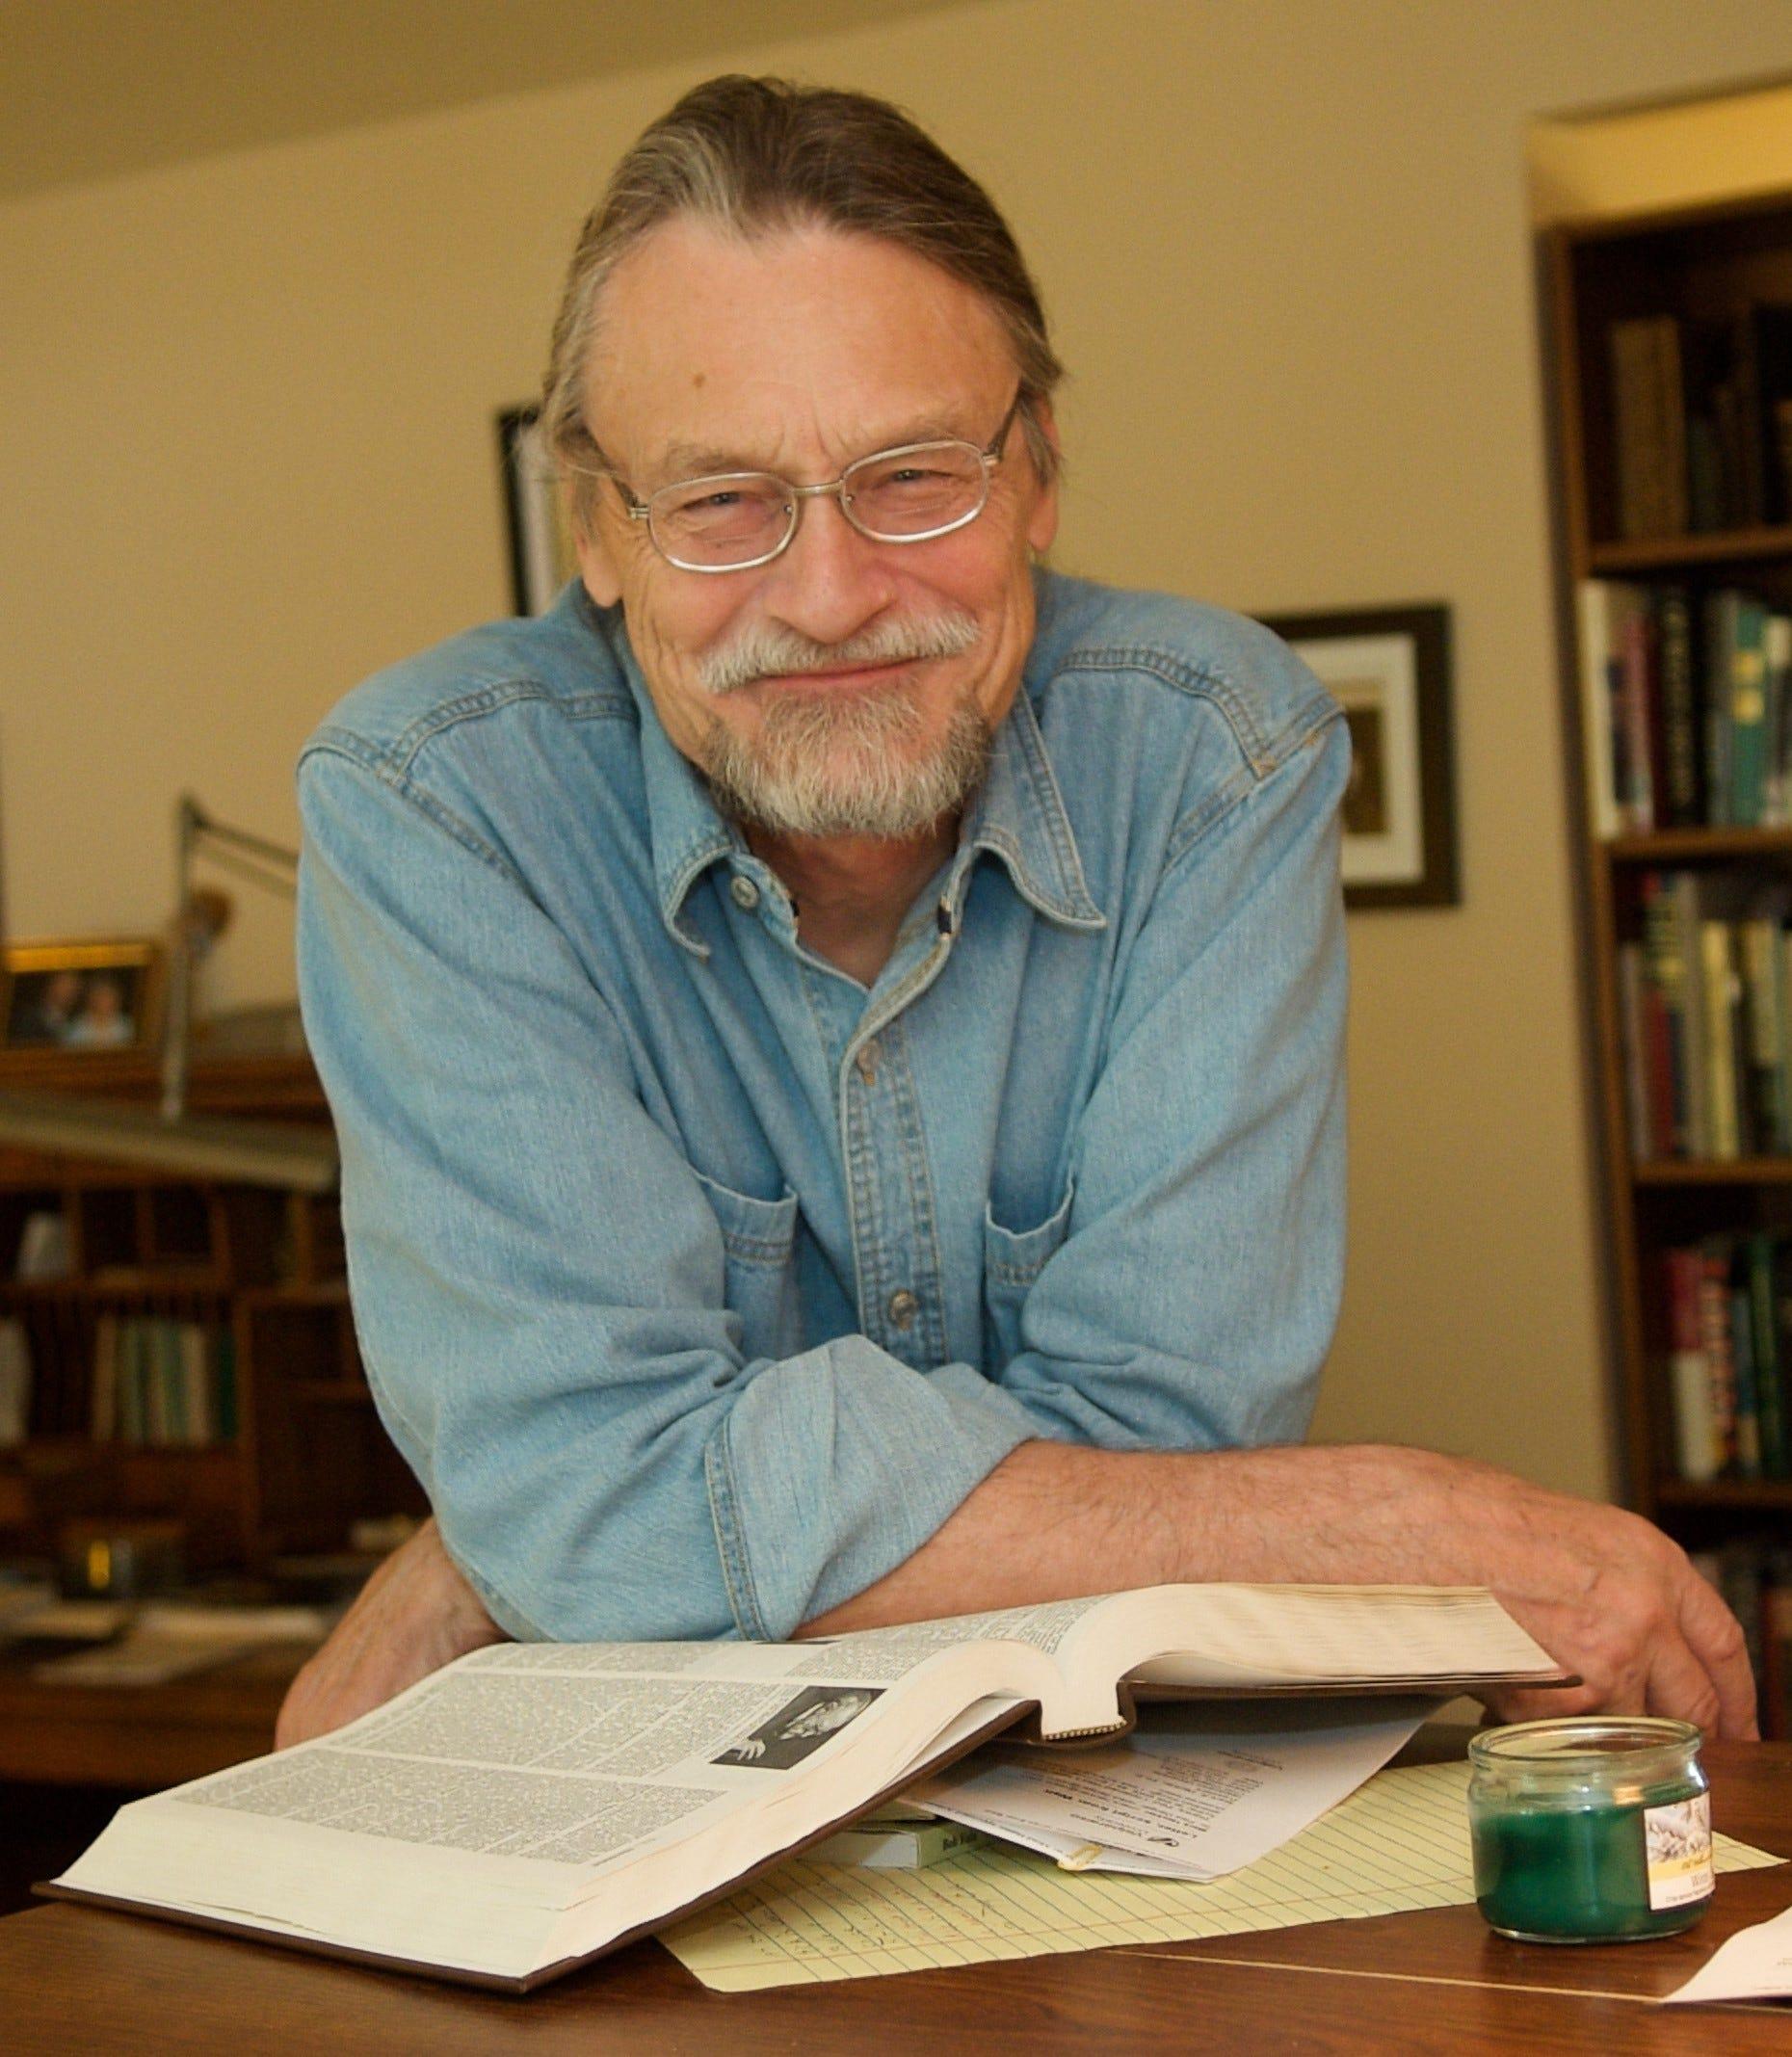 Walter Wangerin Jr